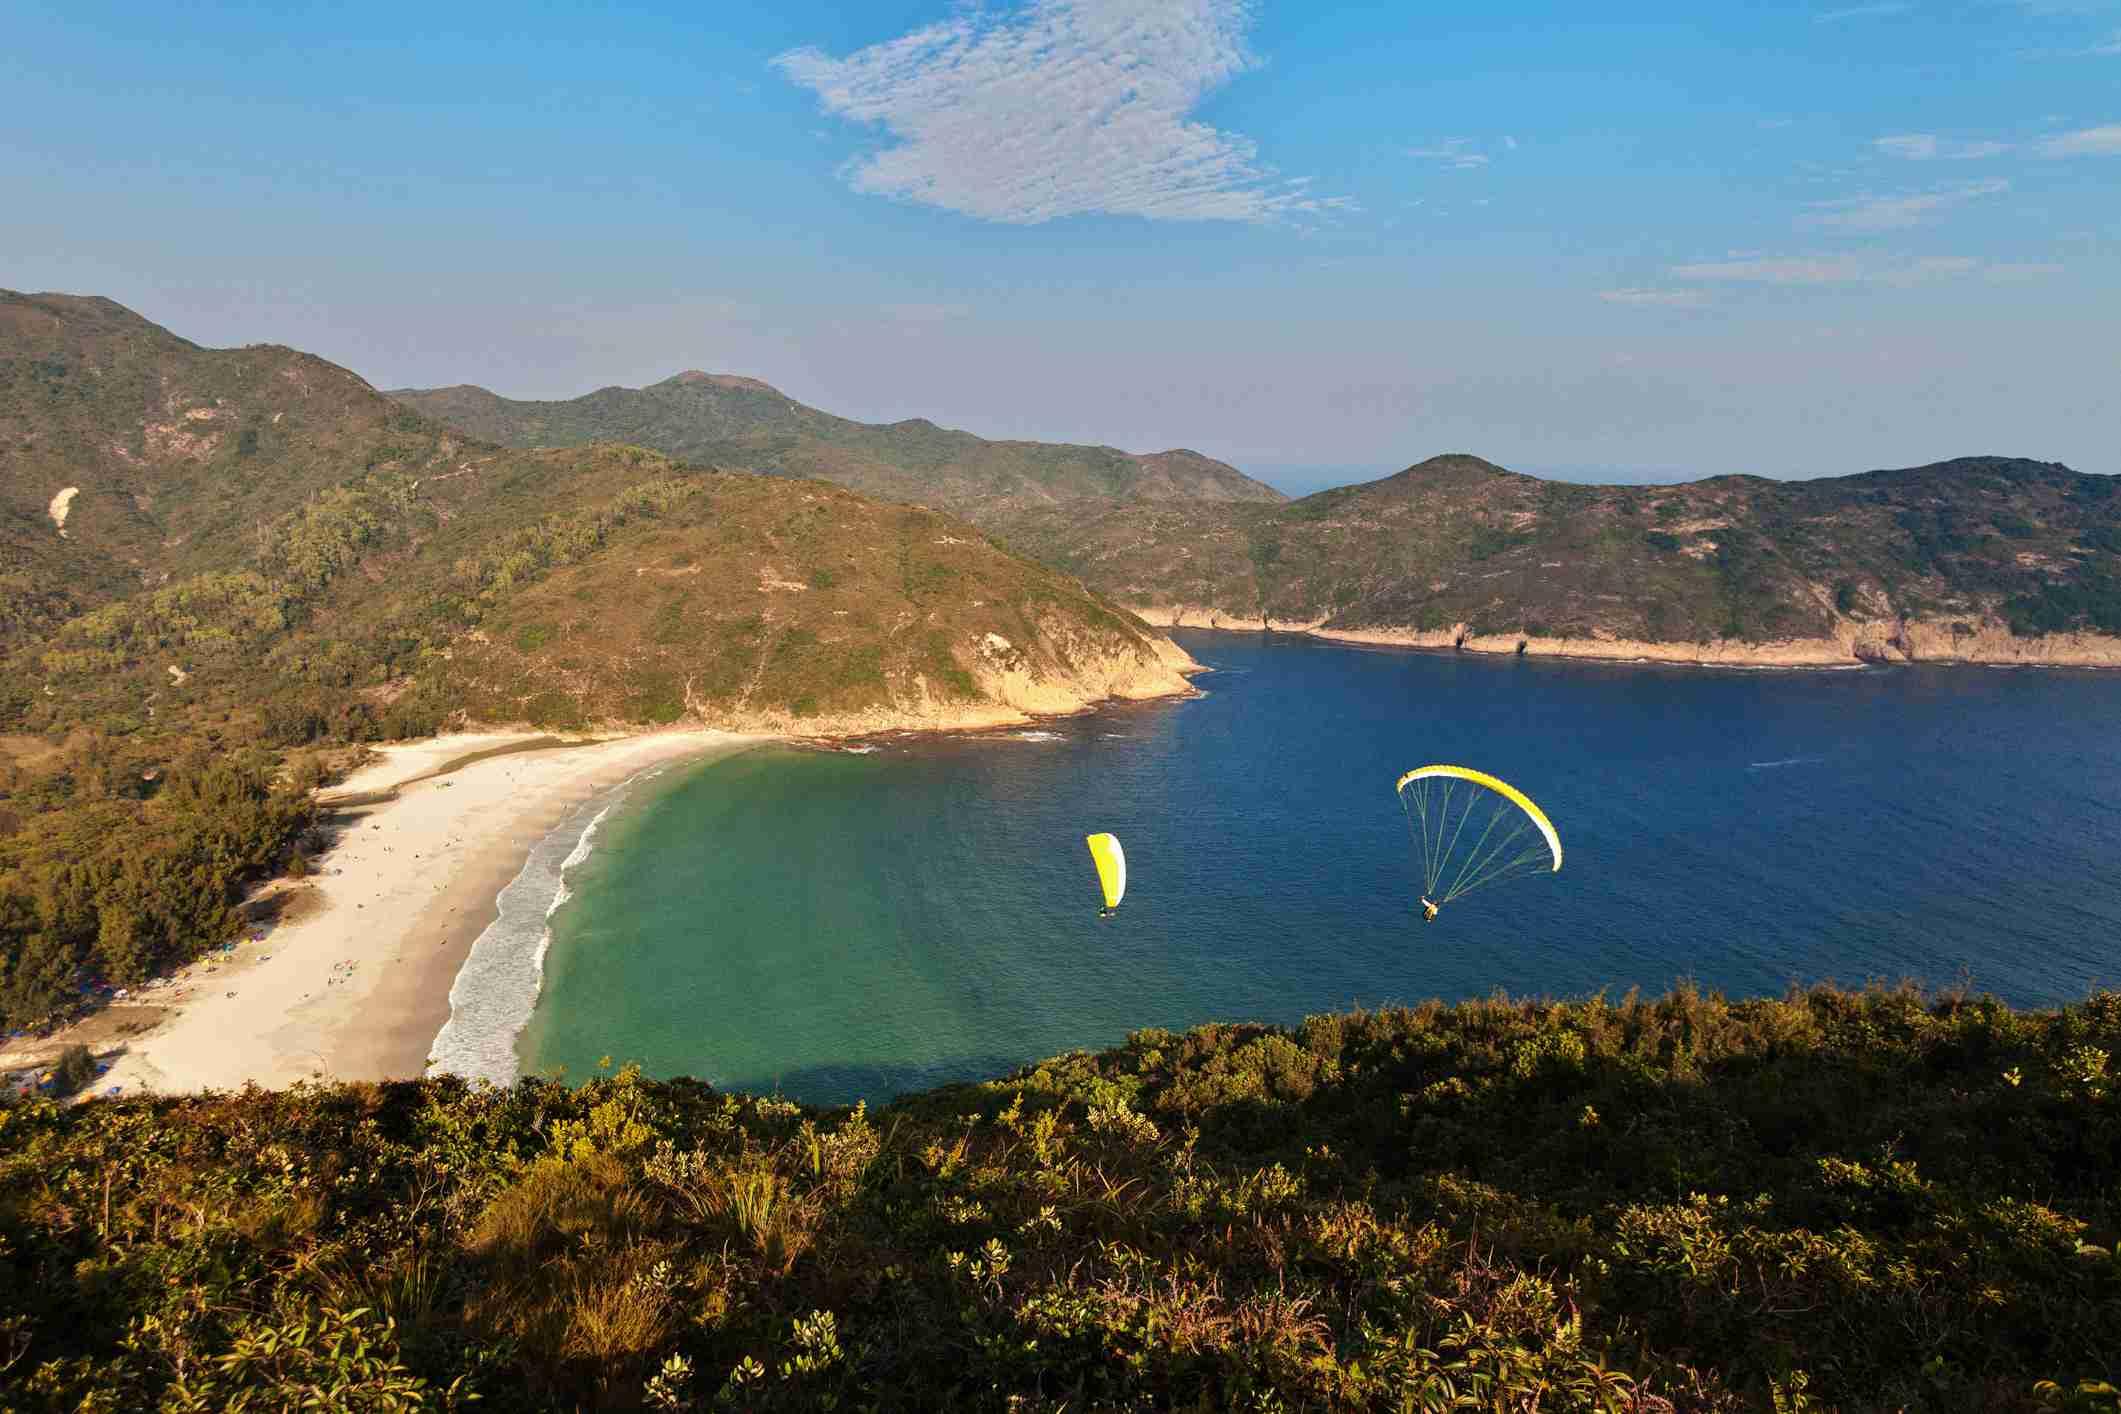 Paragliders above Sai Kung, Hong Kong